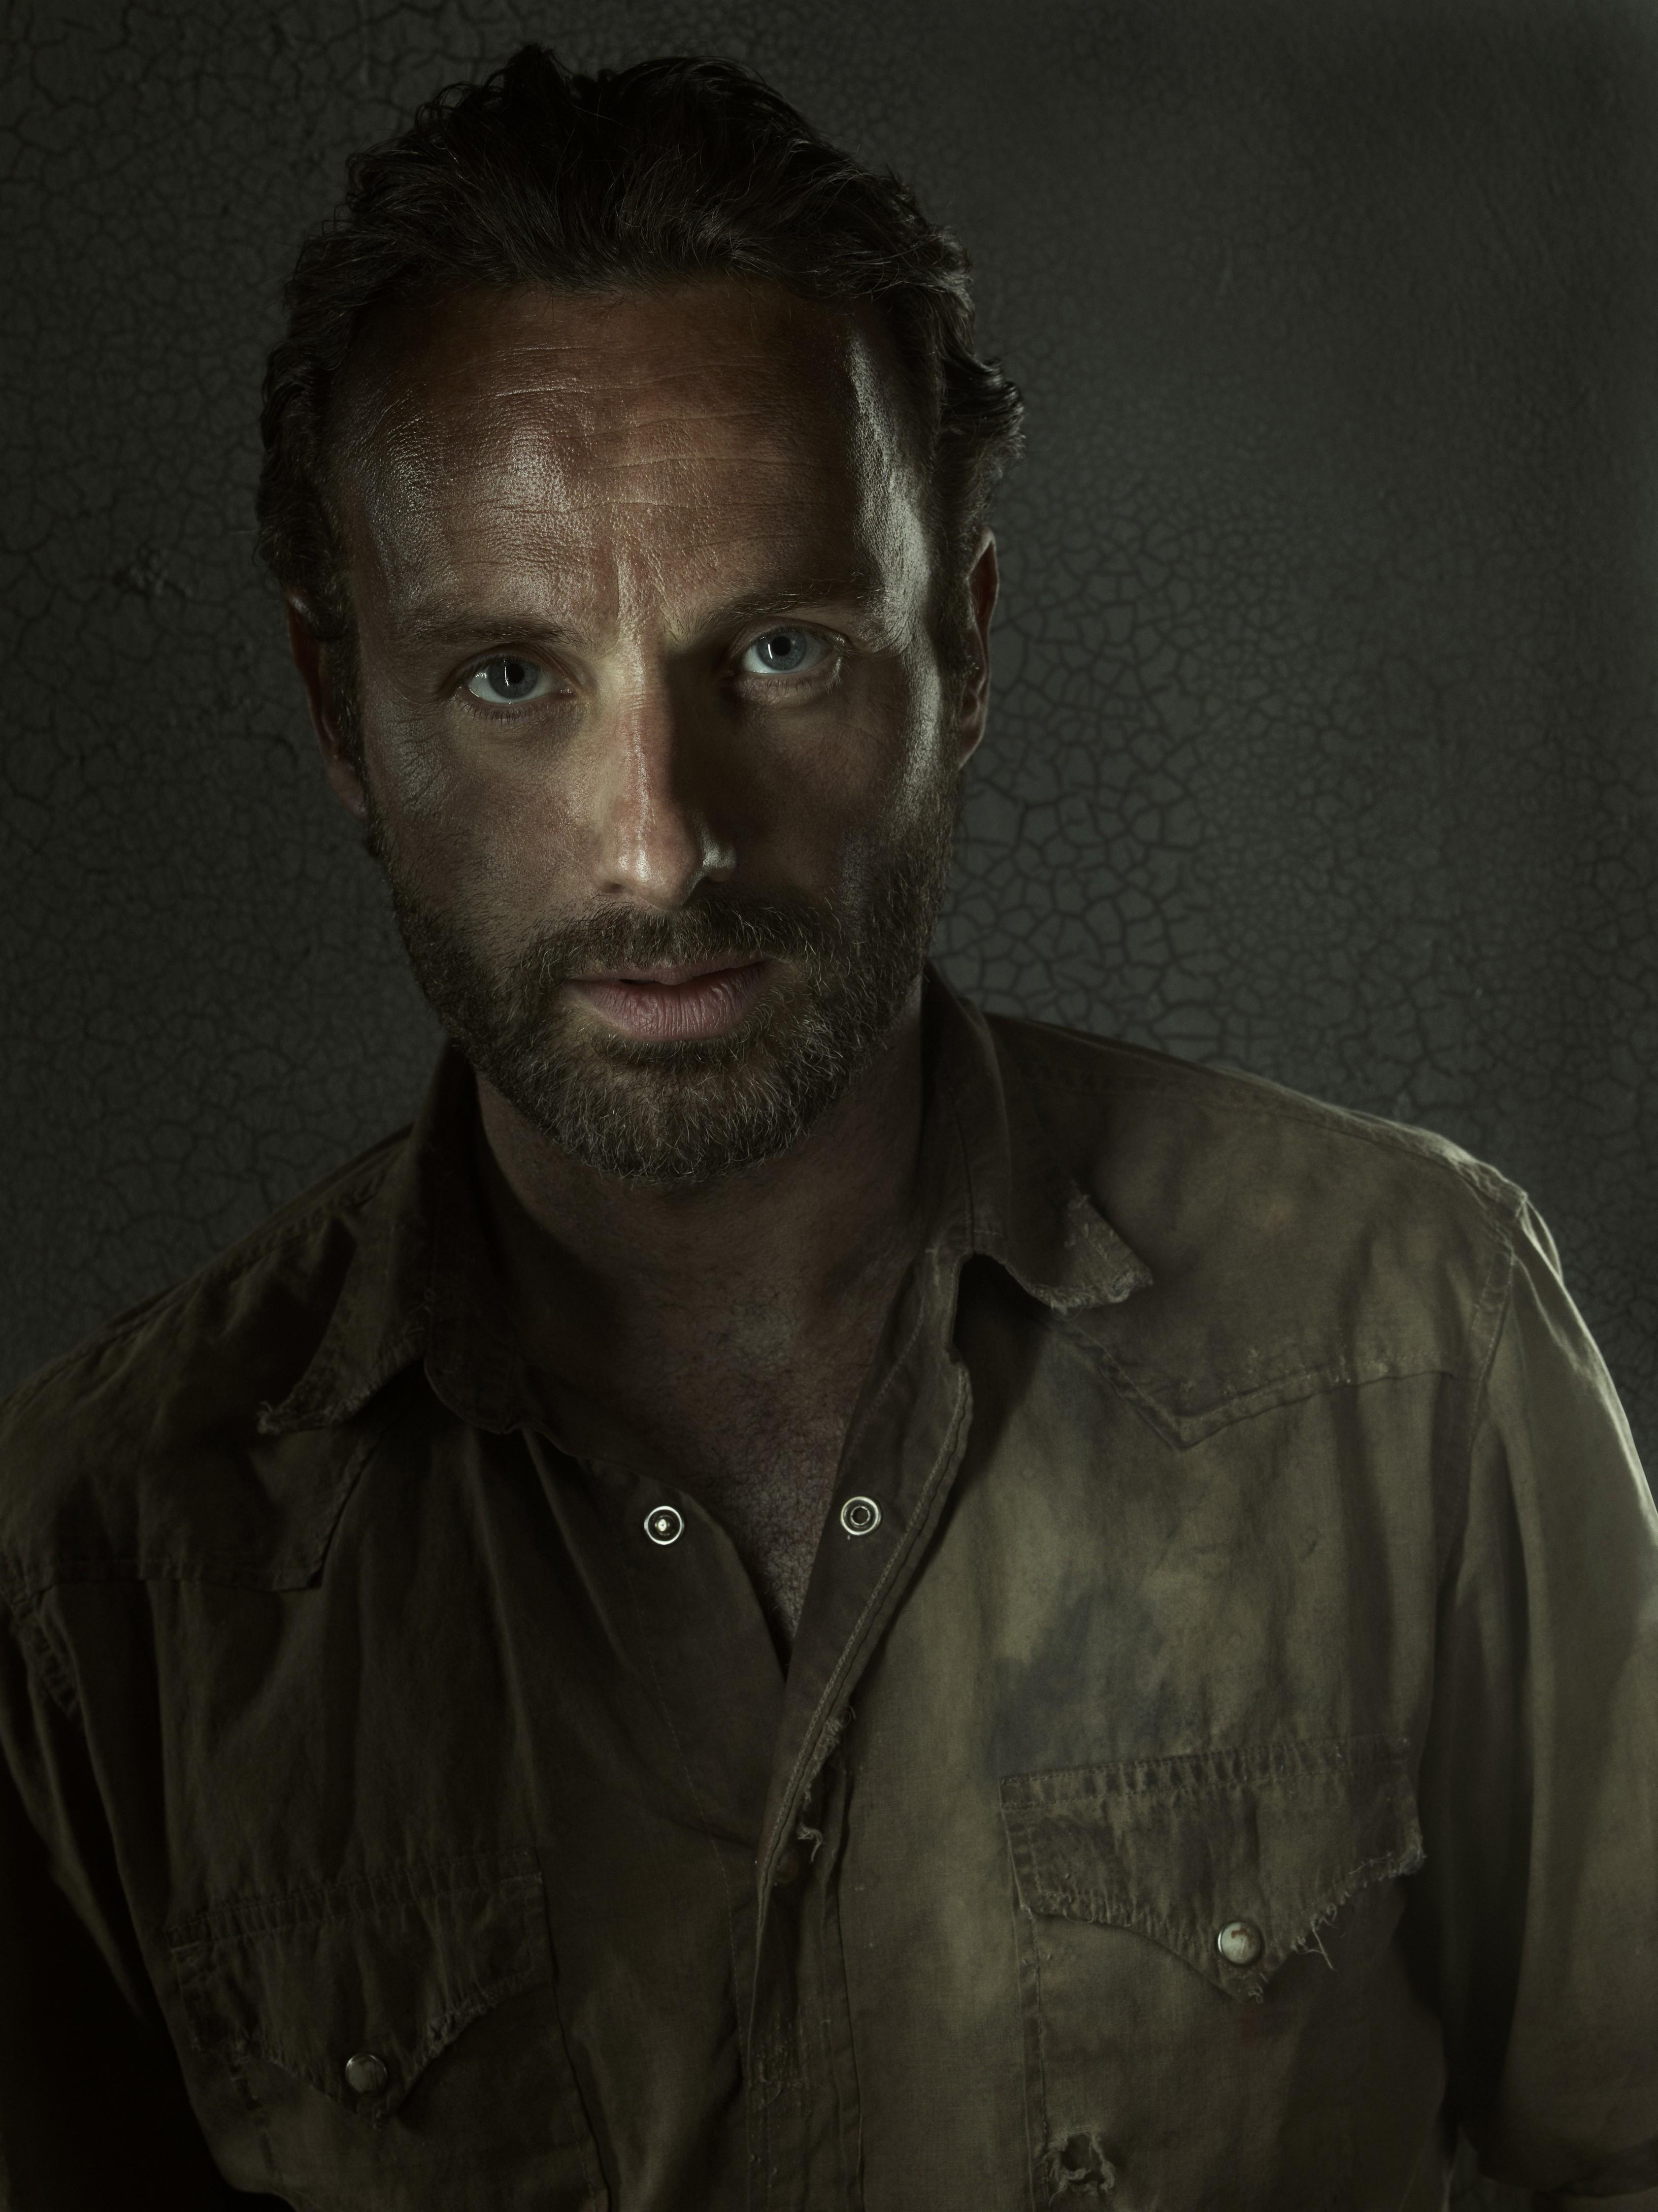 Wallpaper Portrait The Walking Dead Person Rick Grimes